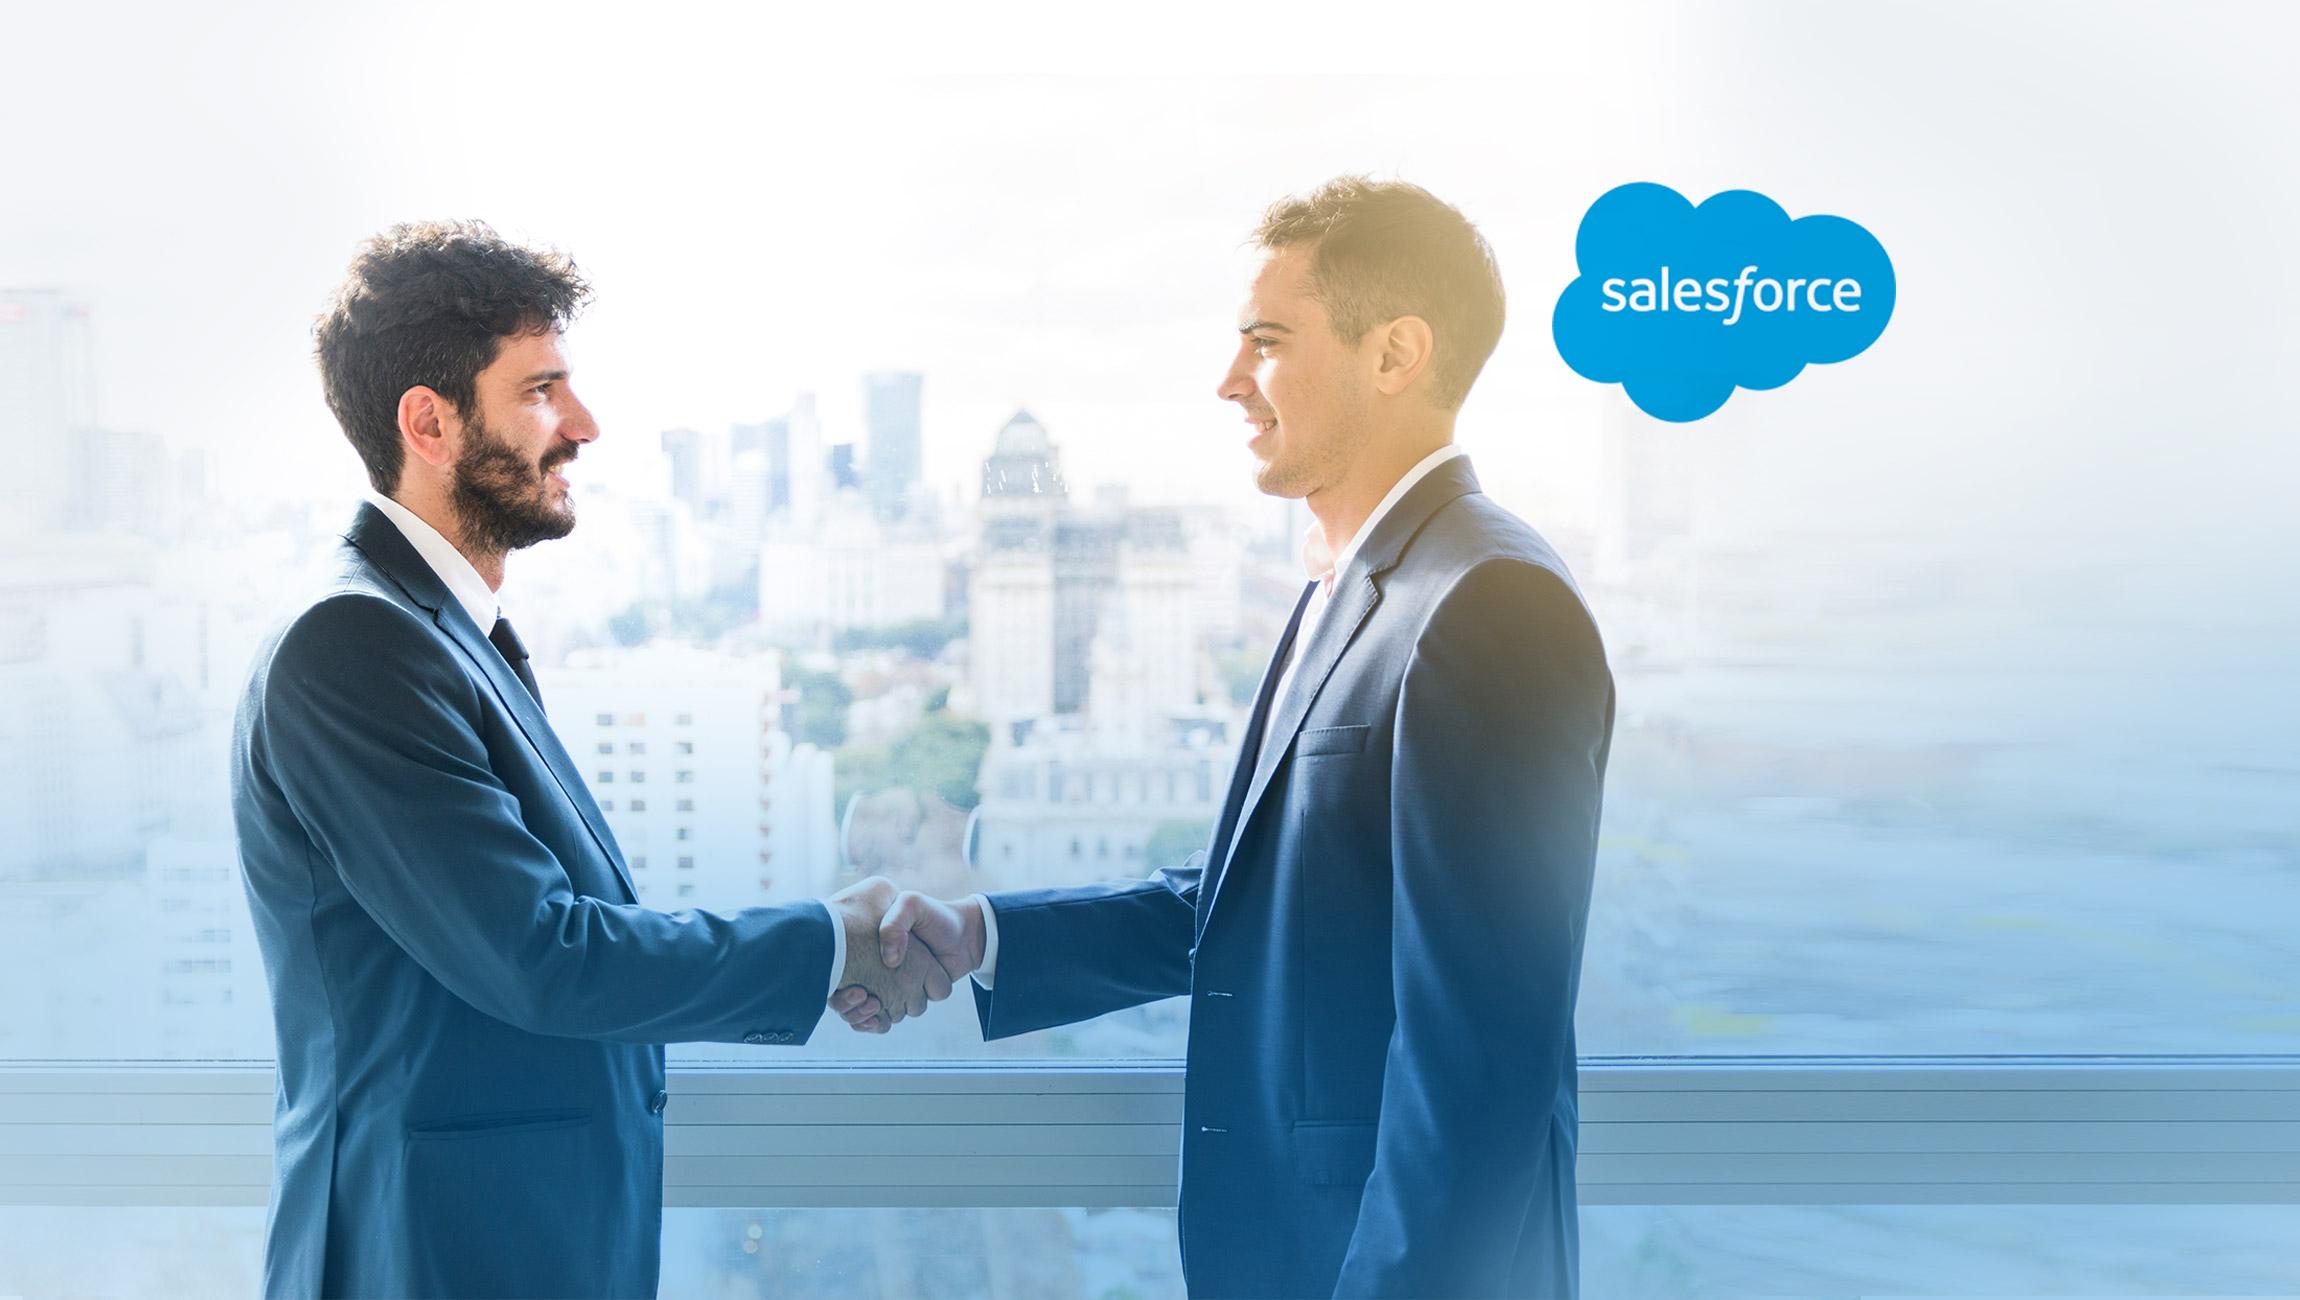 Forrester Names Salesforce Leader in Partner Relationship Management